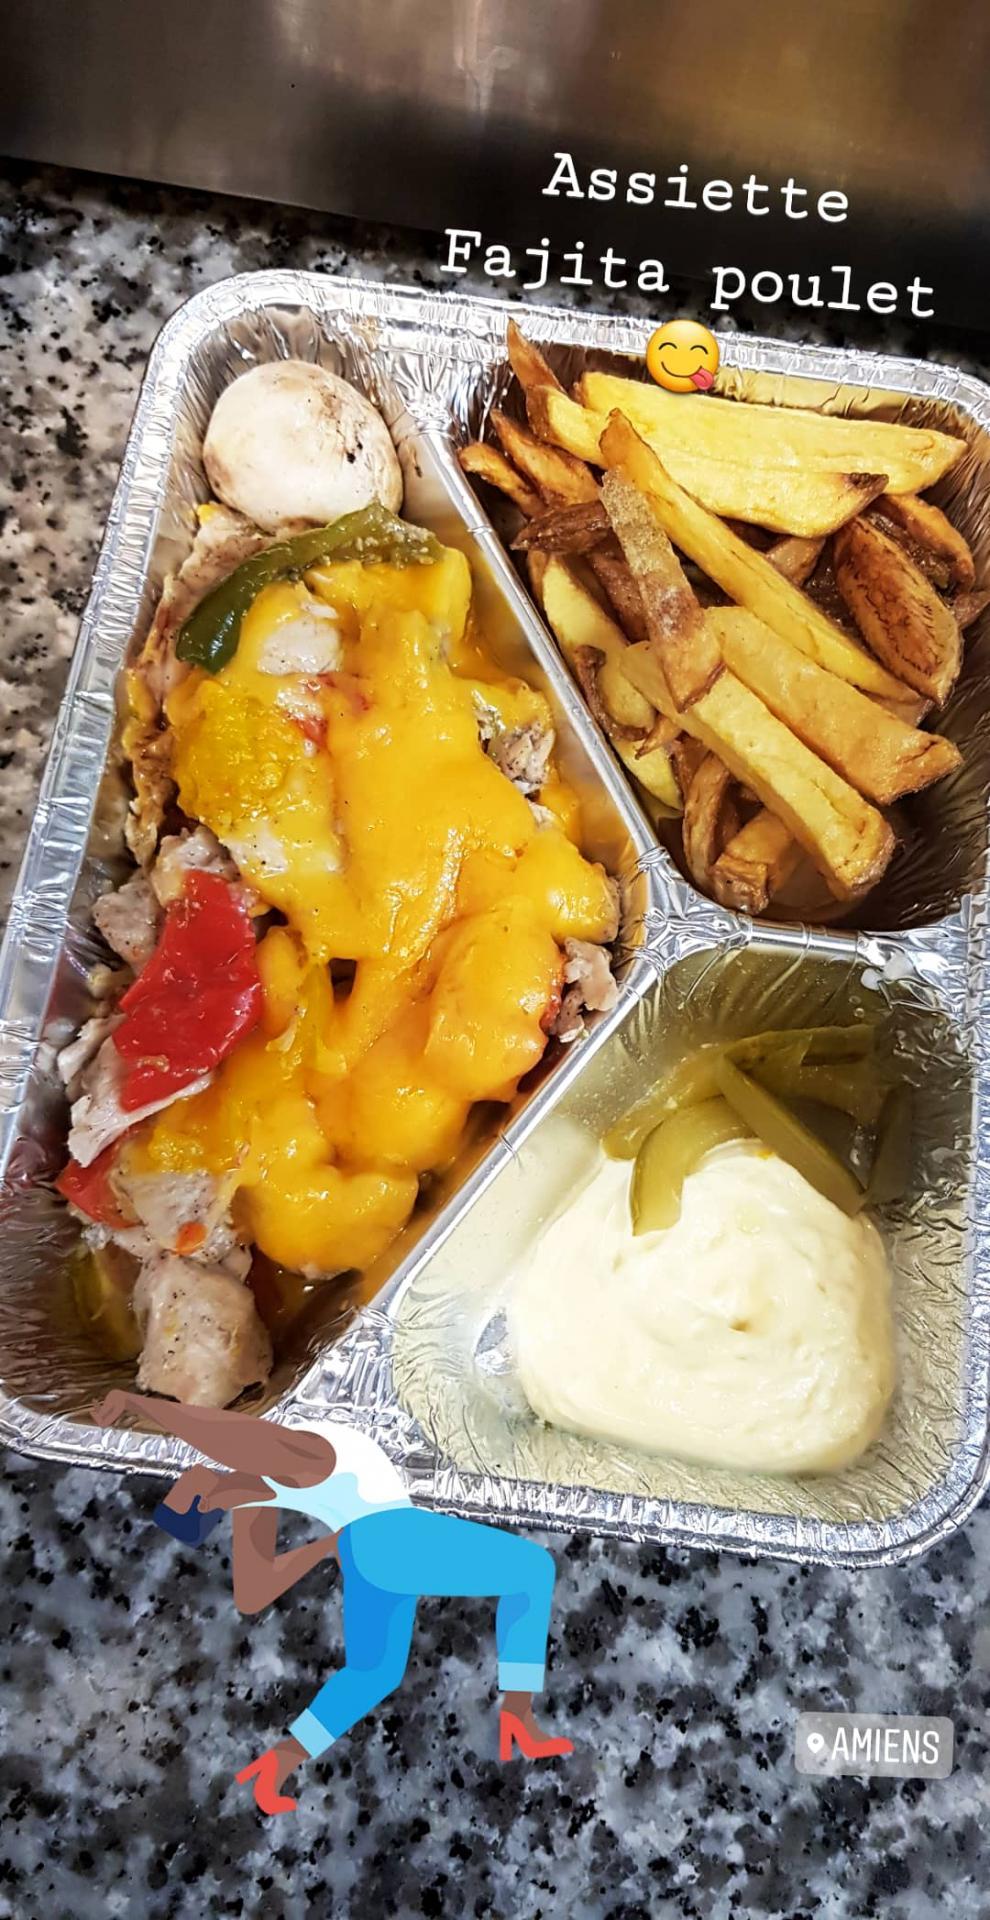 Assiette fajita fait maison poulet en livraison rozana restaurant libanais